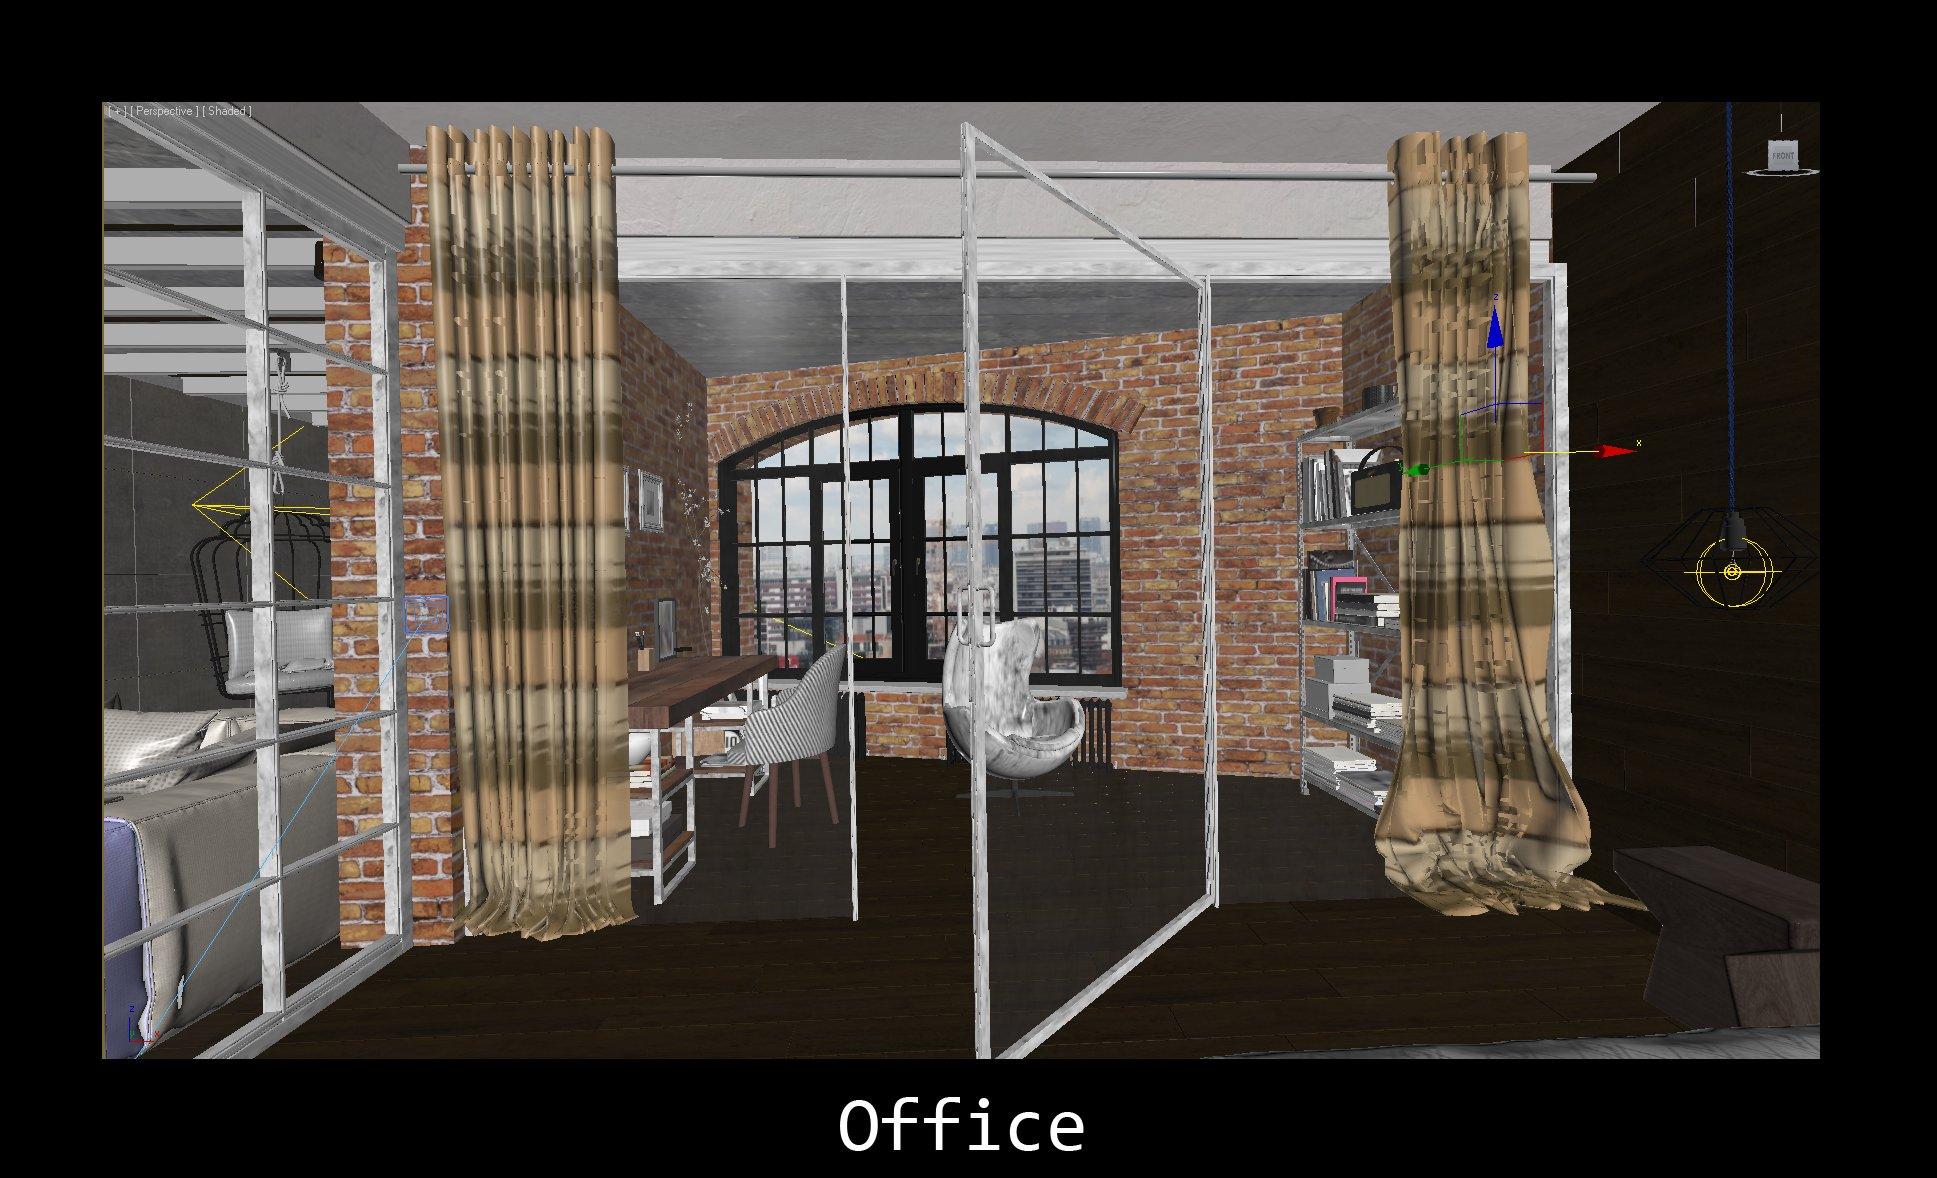 0011_006_office_NR_02833.jpg